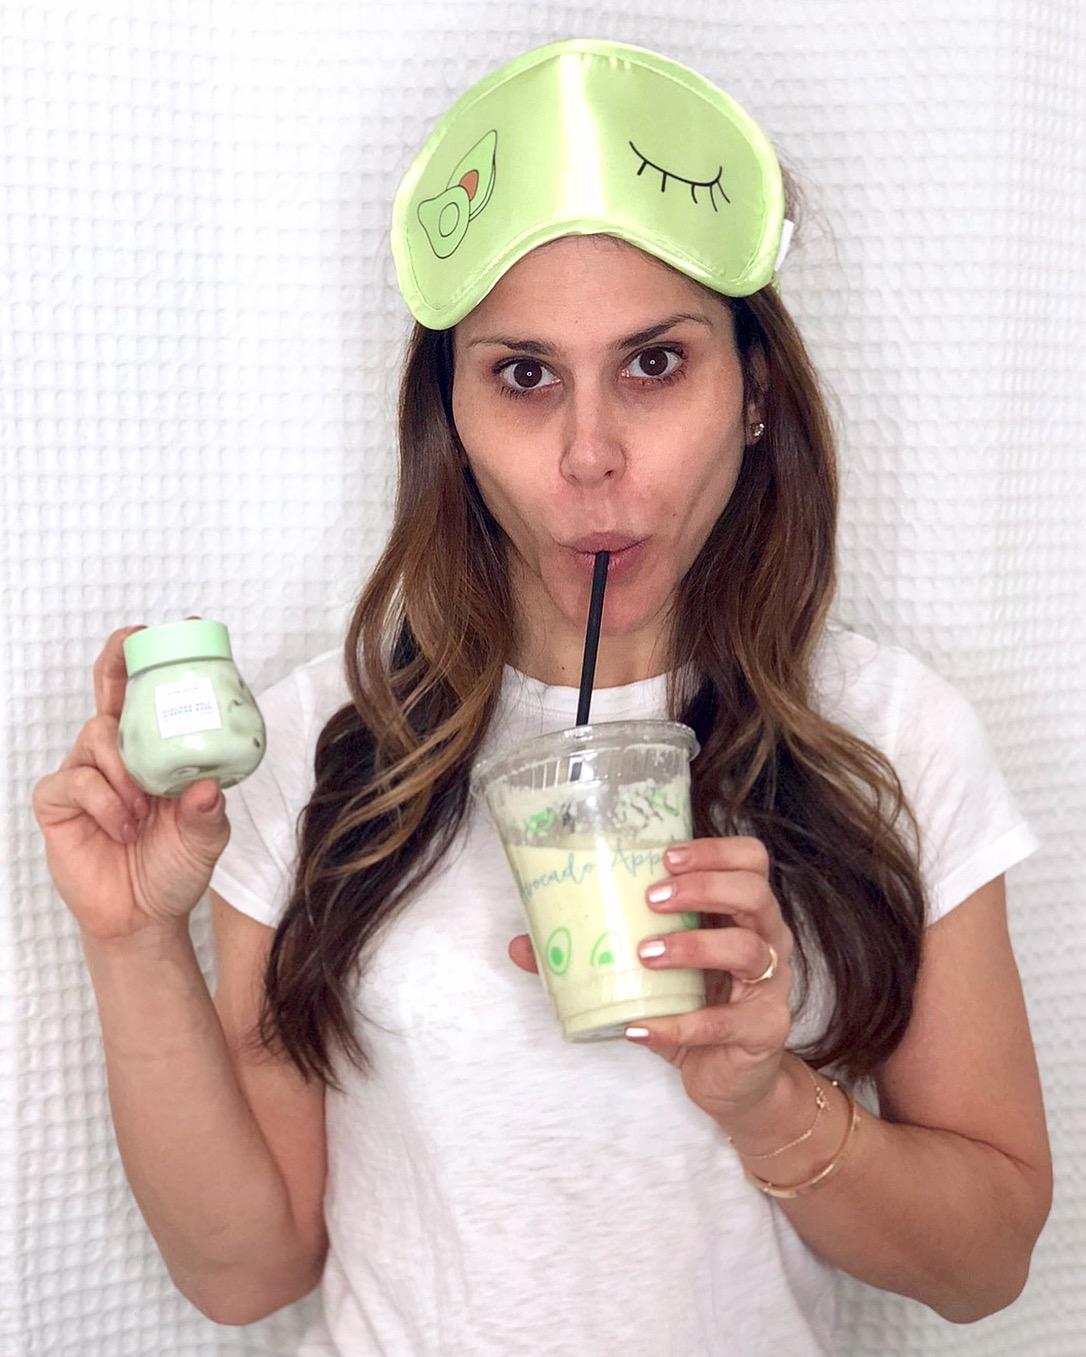 Have you ever tried an avocado smoothie?